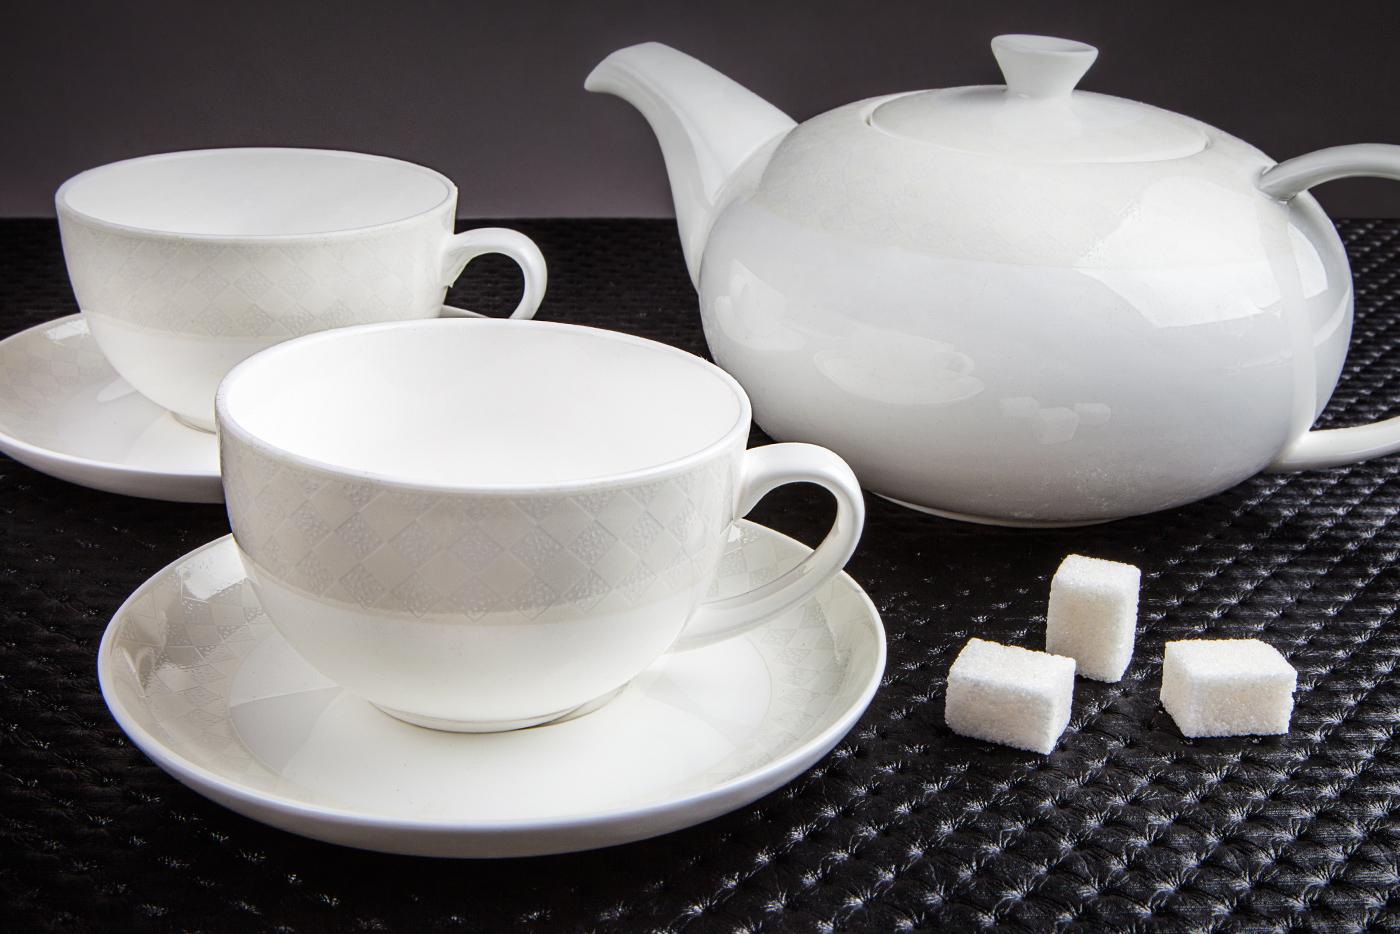 Чайный сервиз Royal Aurel Честер New арт.134new, 13 предметовЧайные сервизы<br>Чайный сервиз Royal Aurel Честер New арт.134new, 13 предметов<br><br><br><br><br><br><br><br><br><br><br>Чашка 300 мл,6 шт.<br>Блюдце 15 см,6 шт.<br>Чайник 1300 мл<br><br><br><br><br><br><br>Производить посуду из фарфора начали в Китае на стыке 6-7 веков. Неустанно совершенствуя и селективно отбирая сырье для производства посуды из фарфора, мастерам удалось добиться выдающихся характеристик фарфора: белизны и тонкостенности. В XV веке появился особый интерес к китайской фарфоровой посуде, так как в это время Европе возникла мода на самобытные китайские вещи. Роскошный китайский фарфор являлся изыском и был в новинку, поэтому он выступал в качестве подарка королям, а также знатным людям. Такой дорогой подарок был очень престижен и по праву являлся элитной посудой. Как известно из многочисленных исторических документов, в Европе китайские изделия из фарфора ценились практически как золото. <br>Проверка изделий из костяного фарфора на подлинность <br>По сравнению с производством других видов фарфора процесс производства изделий из настоящего костяного фарфора сложен и весьма длителен. Посуда из изящного фарфора - это элитная посуда, которая всегда ассоциируется с богатством, величием и благородством. Несмотря на небольшую толщину, фарфоровая посуда - это очень прочное изделие. Для демонстрации плотности и прочности фарфора можно легко коснуться предметов посуды из фарфора деревянной палочкой, и тогда мы услушим характерный металлический звон. В составе фарфоровой посуды присутствует костяная зола, благодаря чему она может быть намного тоньше (не более 2,5 мм) и легче твердого или мягкого фарфора. Безупречная белизна - ключевой признак отличия такого фарфора от других. Цвет обычного фарфора сероватый или ближе к голубоватому, а костяной фарфор будет всегда будет молочно-белого цвета. Характерная и немаловажная деталь - это невесомая прозрачность изделий из фарфора такая, что сквозь него прохо